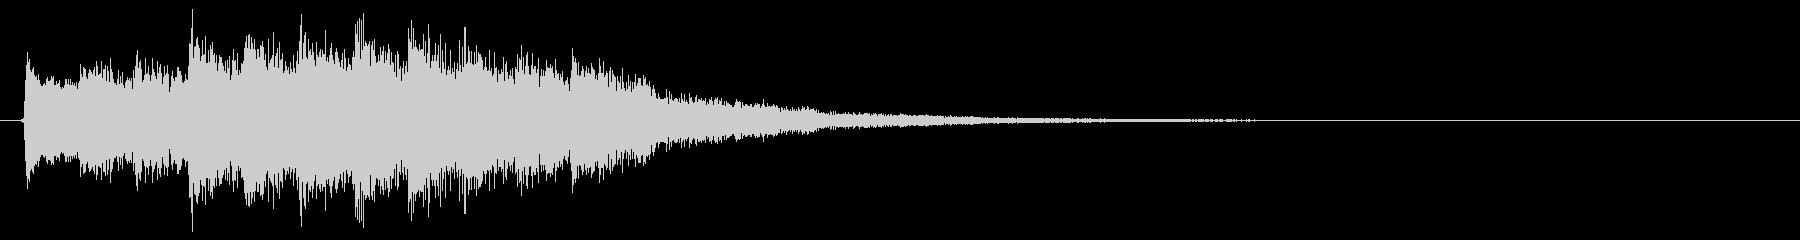 キラキラキラ…(ミステリアス、魔法詠唱)の未再生の波形